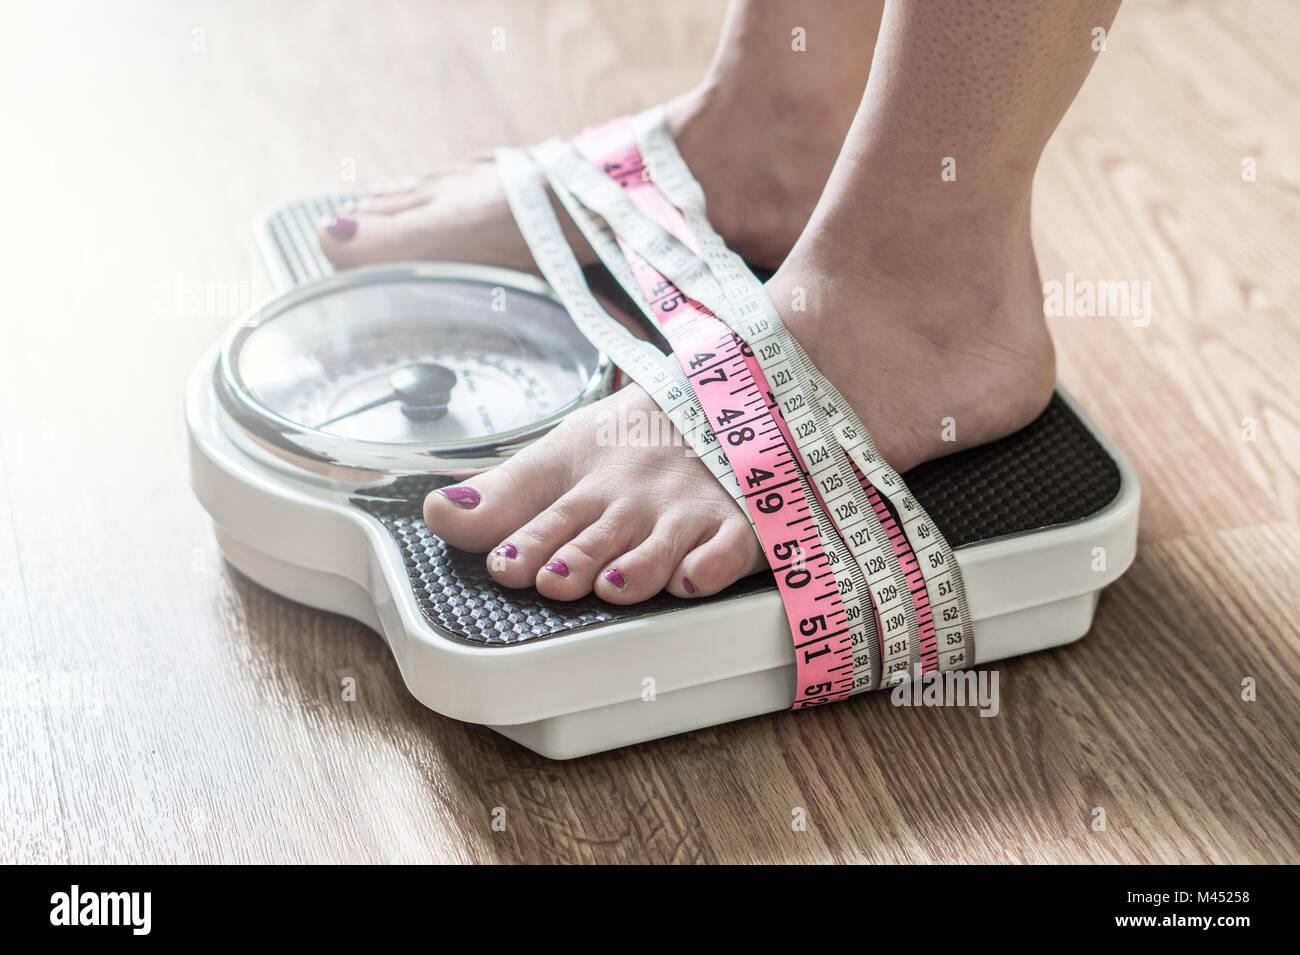 Magersucht und Essstörungen Konzept. Füße gefesselt mit Maßband auf eine Waage. Sucht und Besessenheit, Stockbild